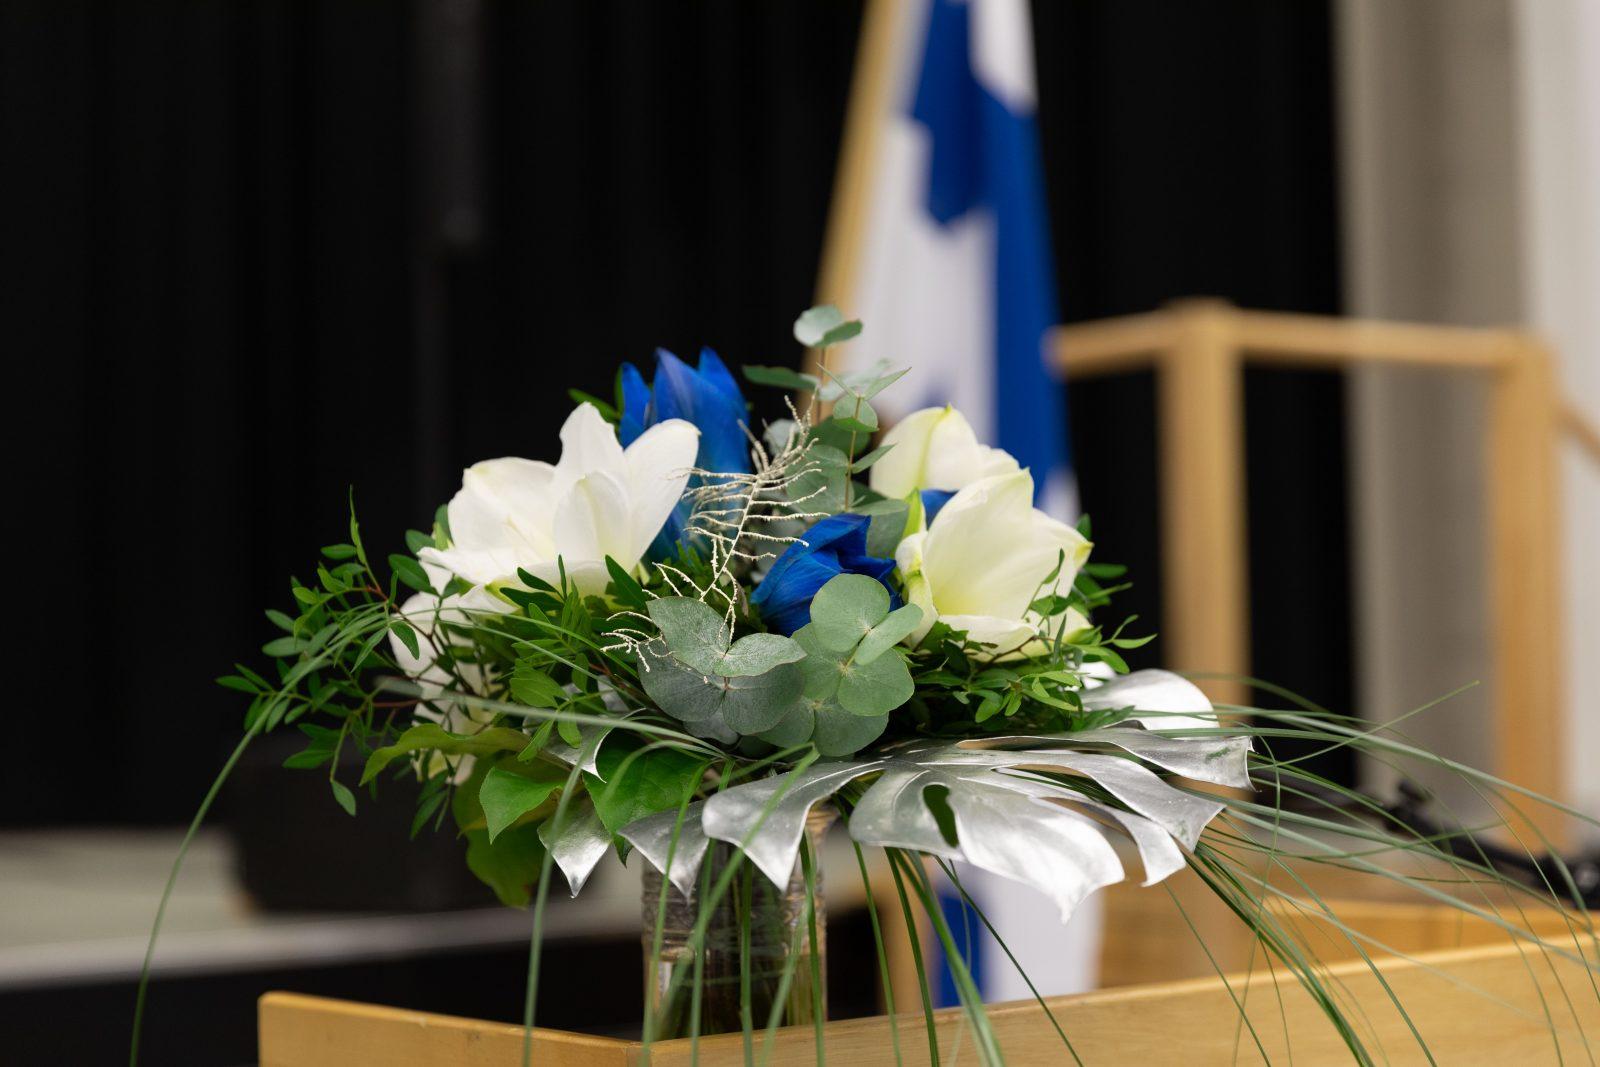 Ylioppilasjuhlien sinivalkoinen kukkakimppu pöydällä, kuva